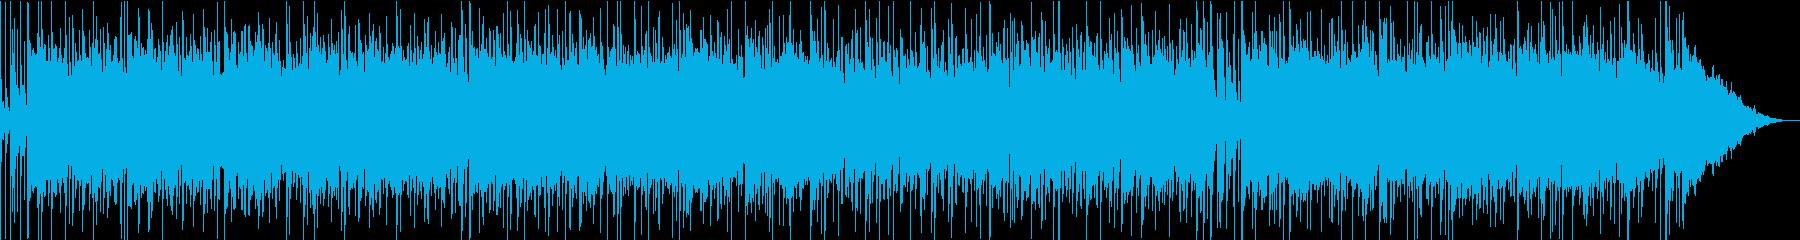 ヘヴィロックリフに巡るEPディレイリフの再生済みの波形